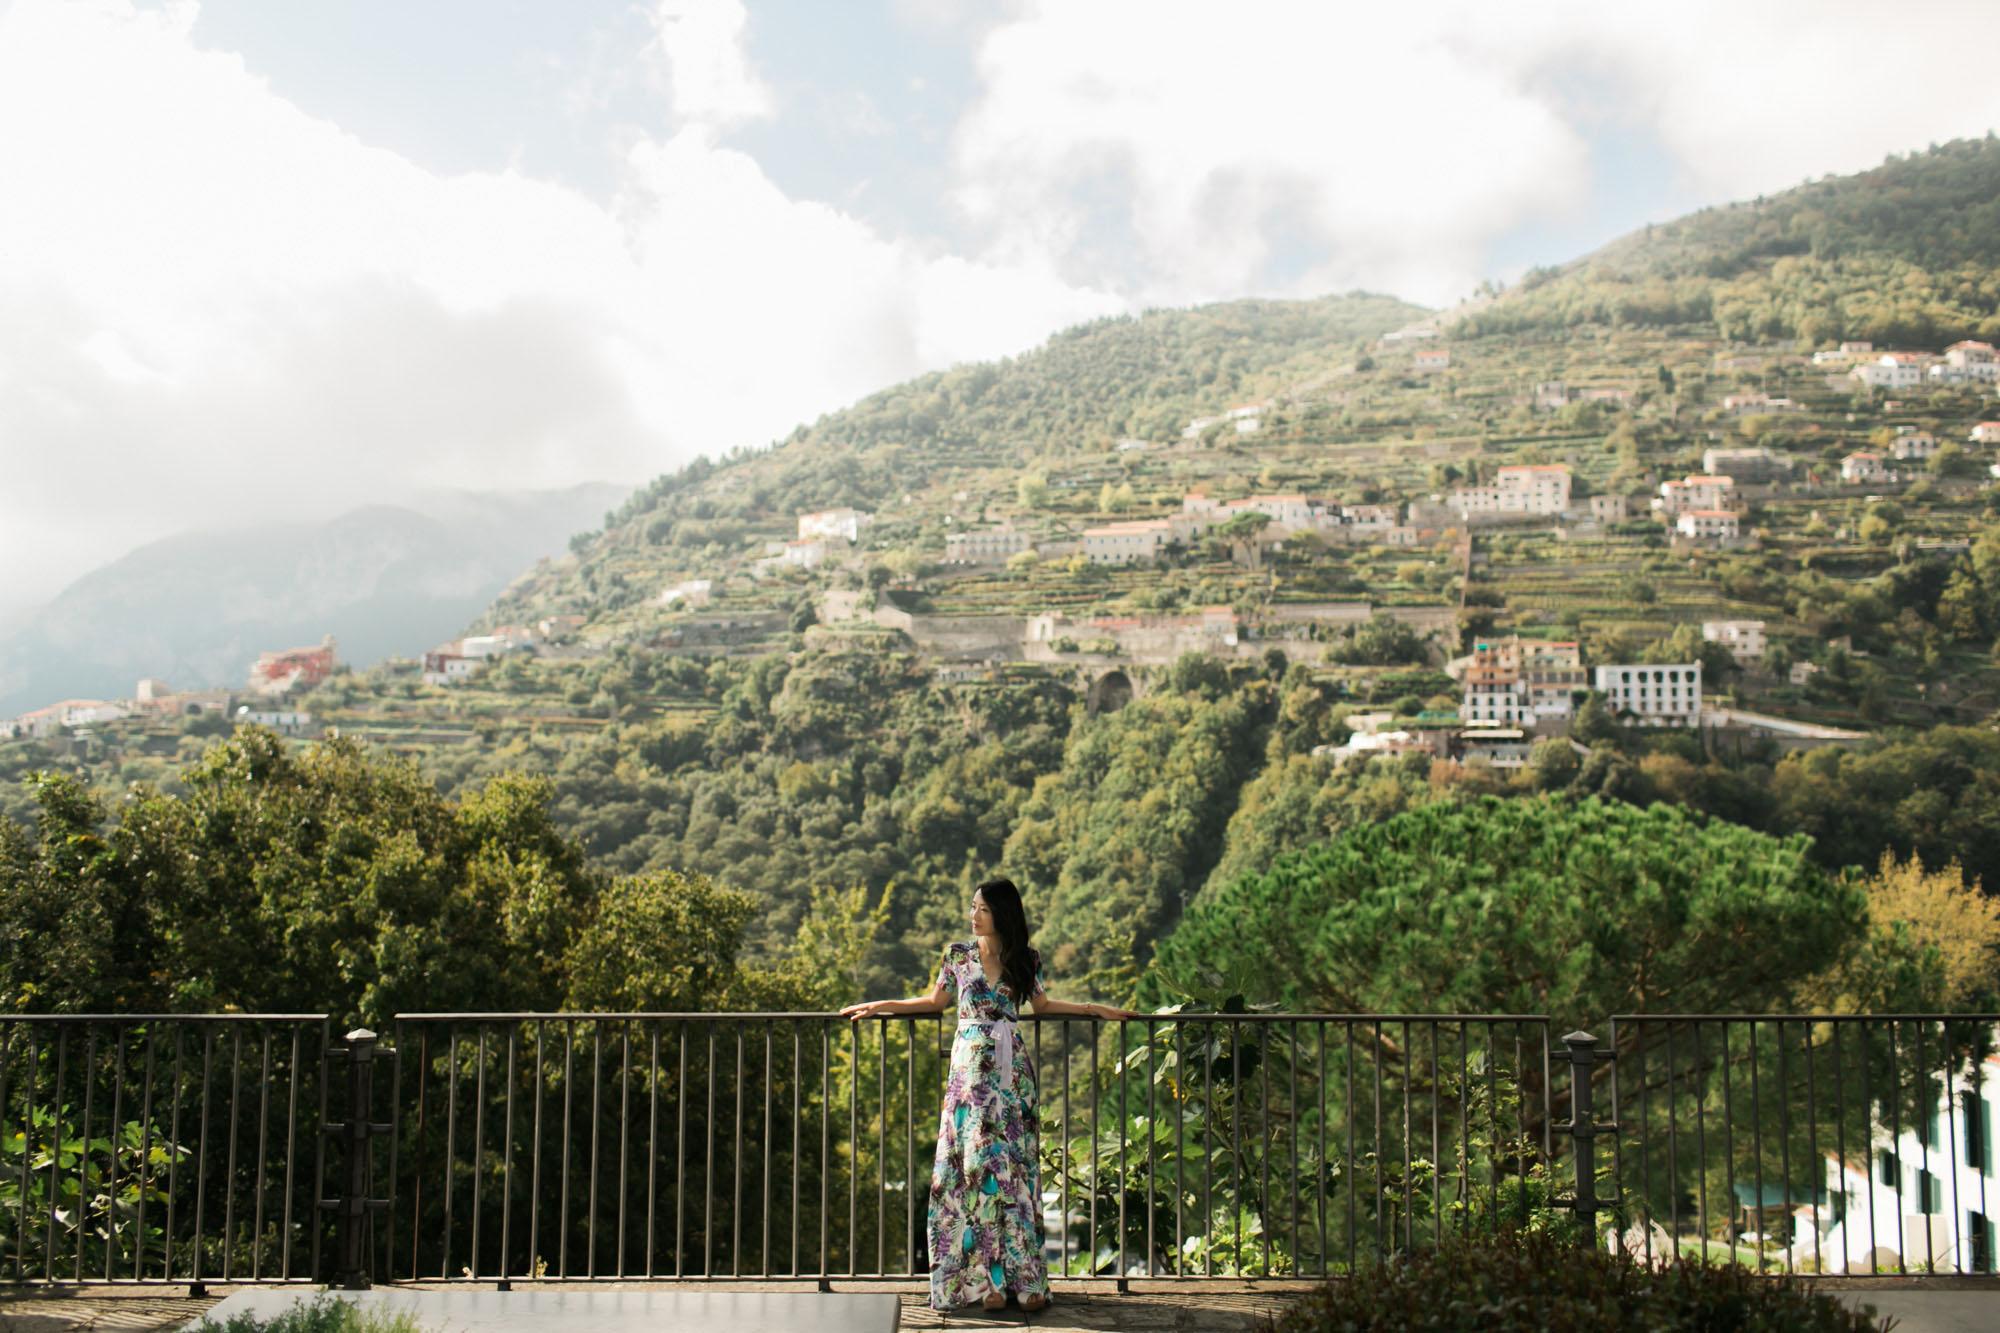 joeewong-reke-italy-amalfi-coast-positano-honeymoon-03